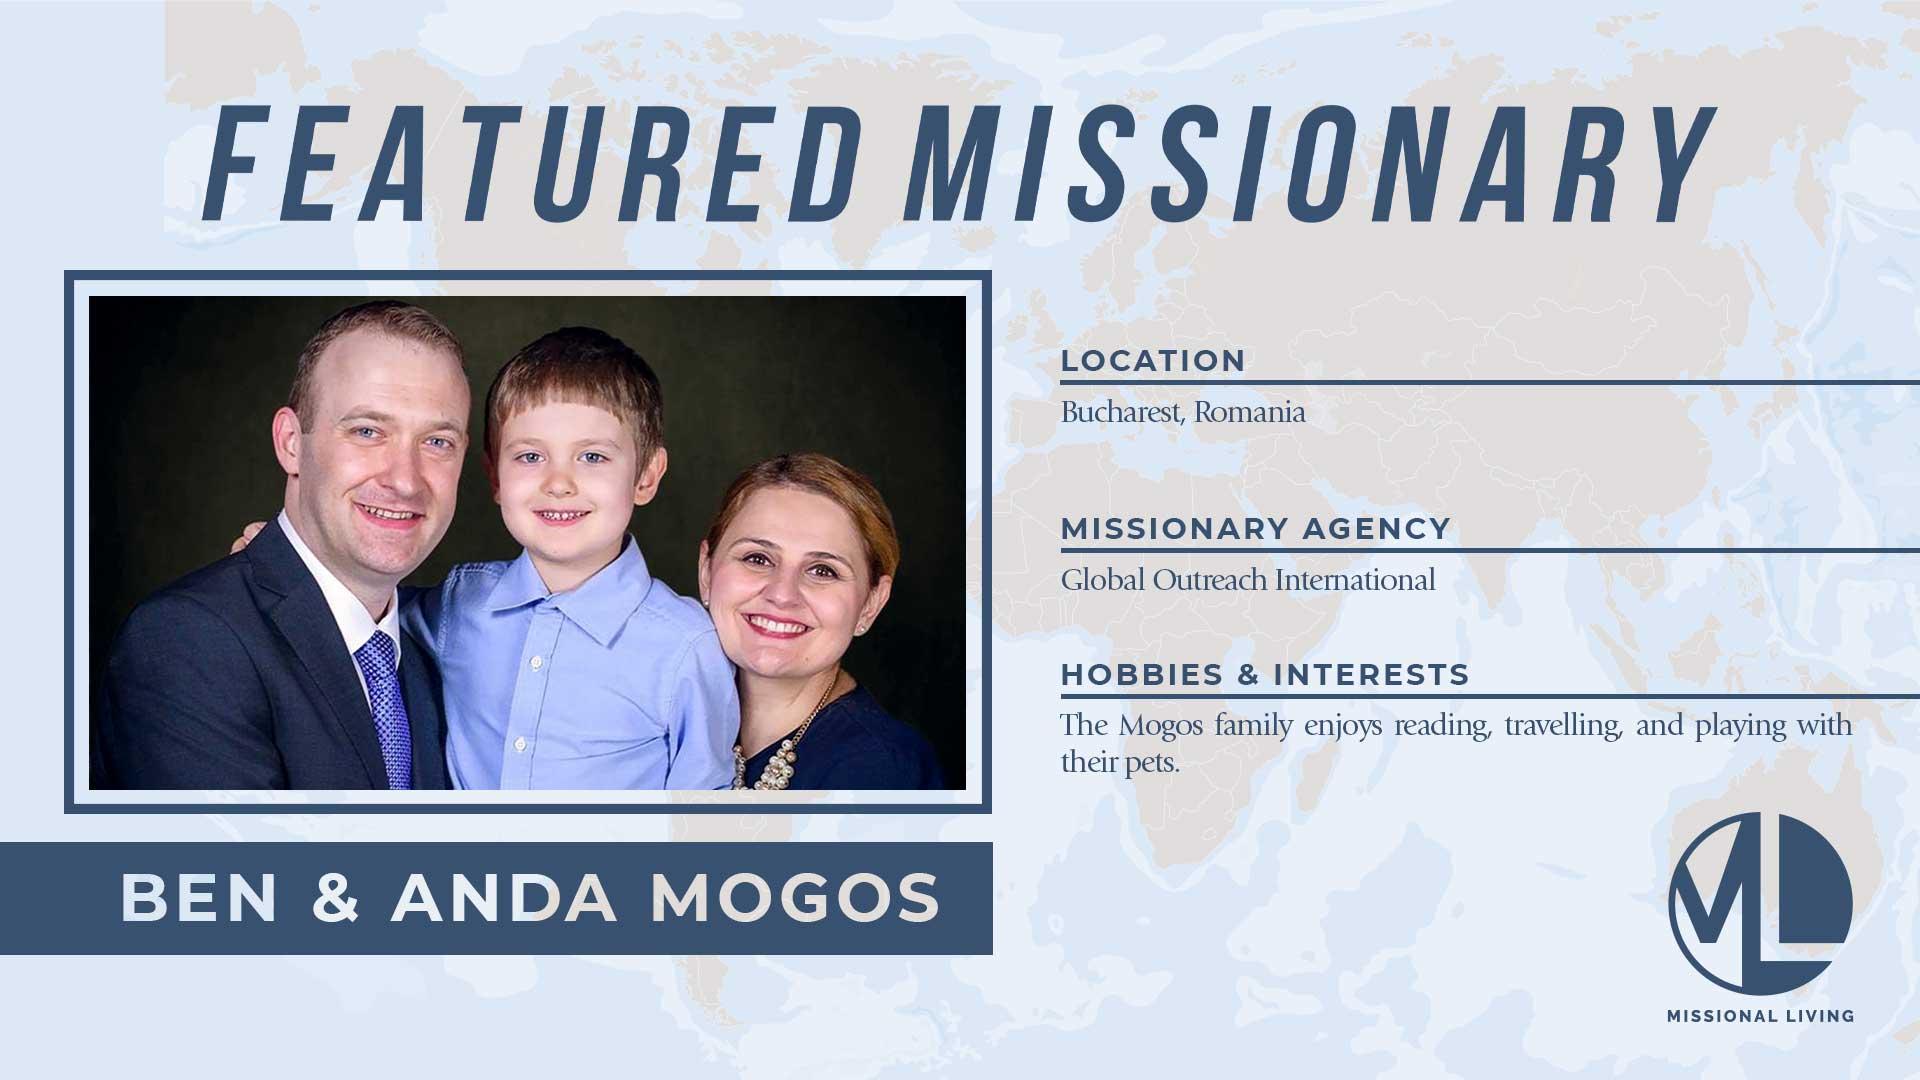 Featured Missionaries: Ben & Anda Mogos